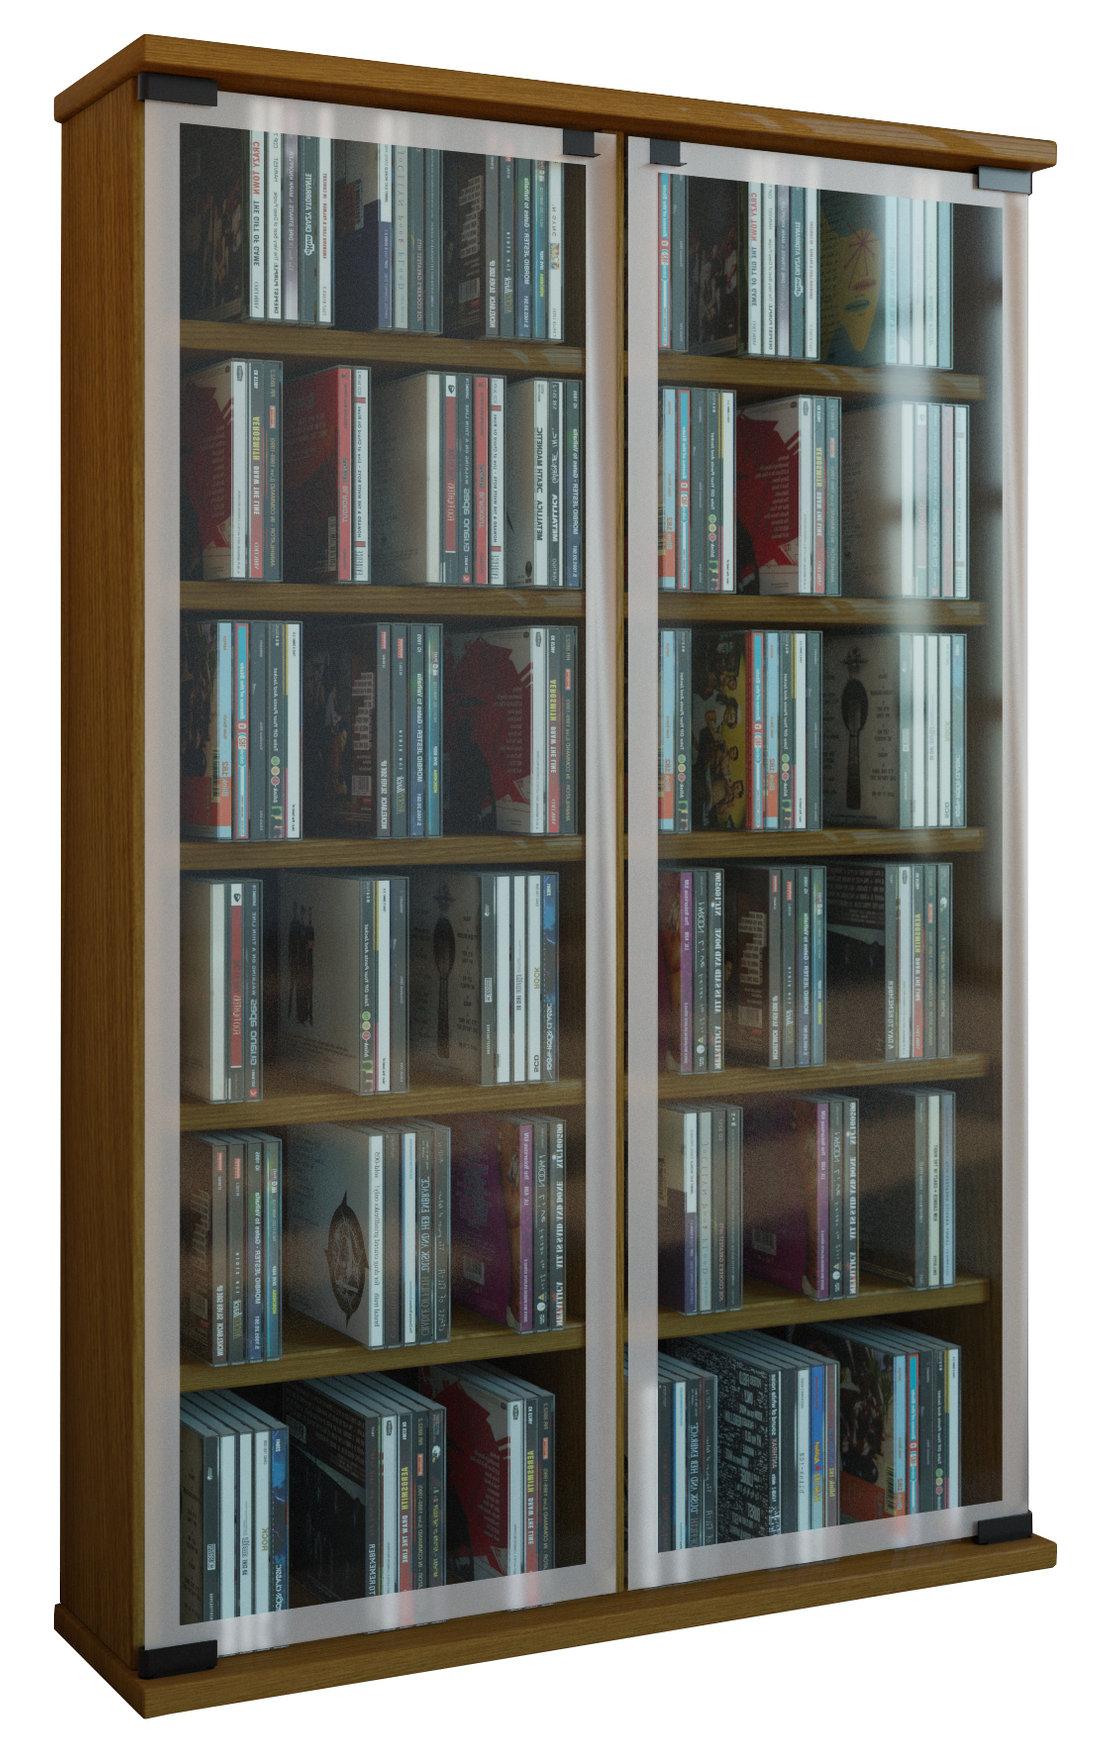 Full Size of Blu Ray Regal Konfigurator Offenes 25 Cm Tief Moormann Schreibtisch Bad Weiß Für Getränkekisten Graues Regale Metall Tisch Kombination Weis Kleiderschrank Regal Blu Ray Regal